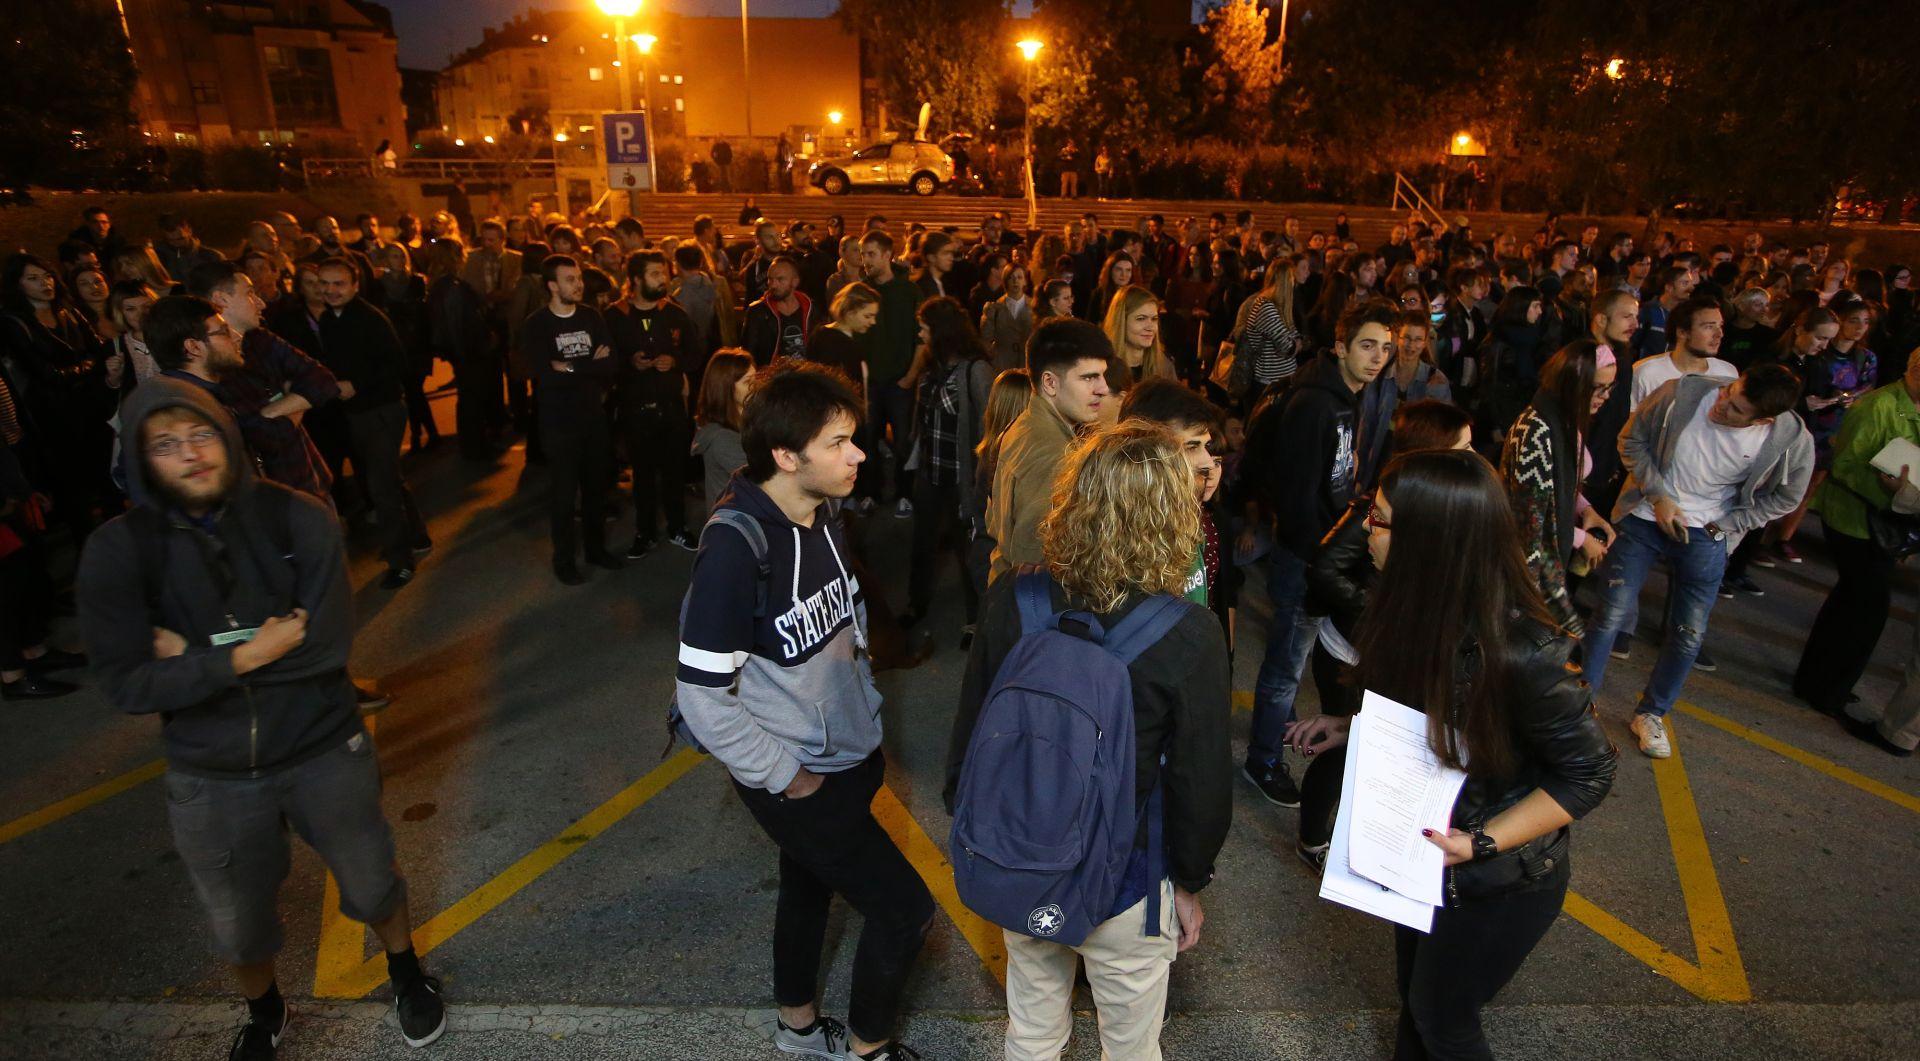 PLENUM NA OTVORENOM Studenti odlučili: Ako Previšić ne podnese ostavku do 3. listopada, idemo u blokadu FFZG-a